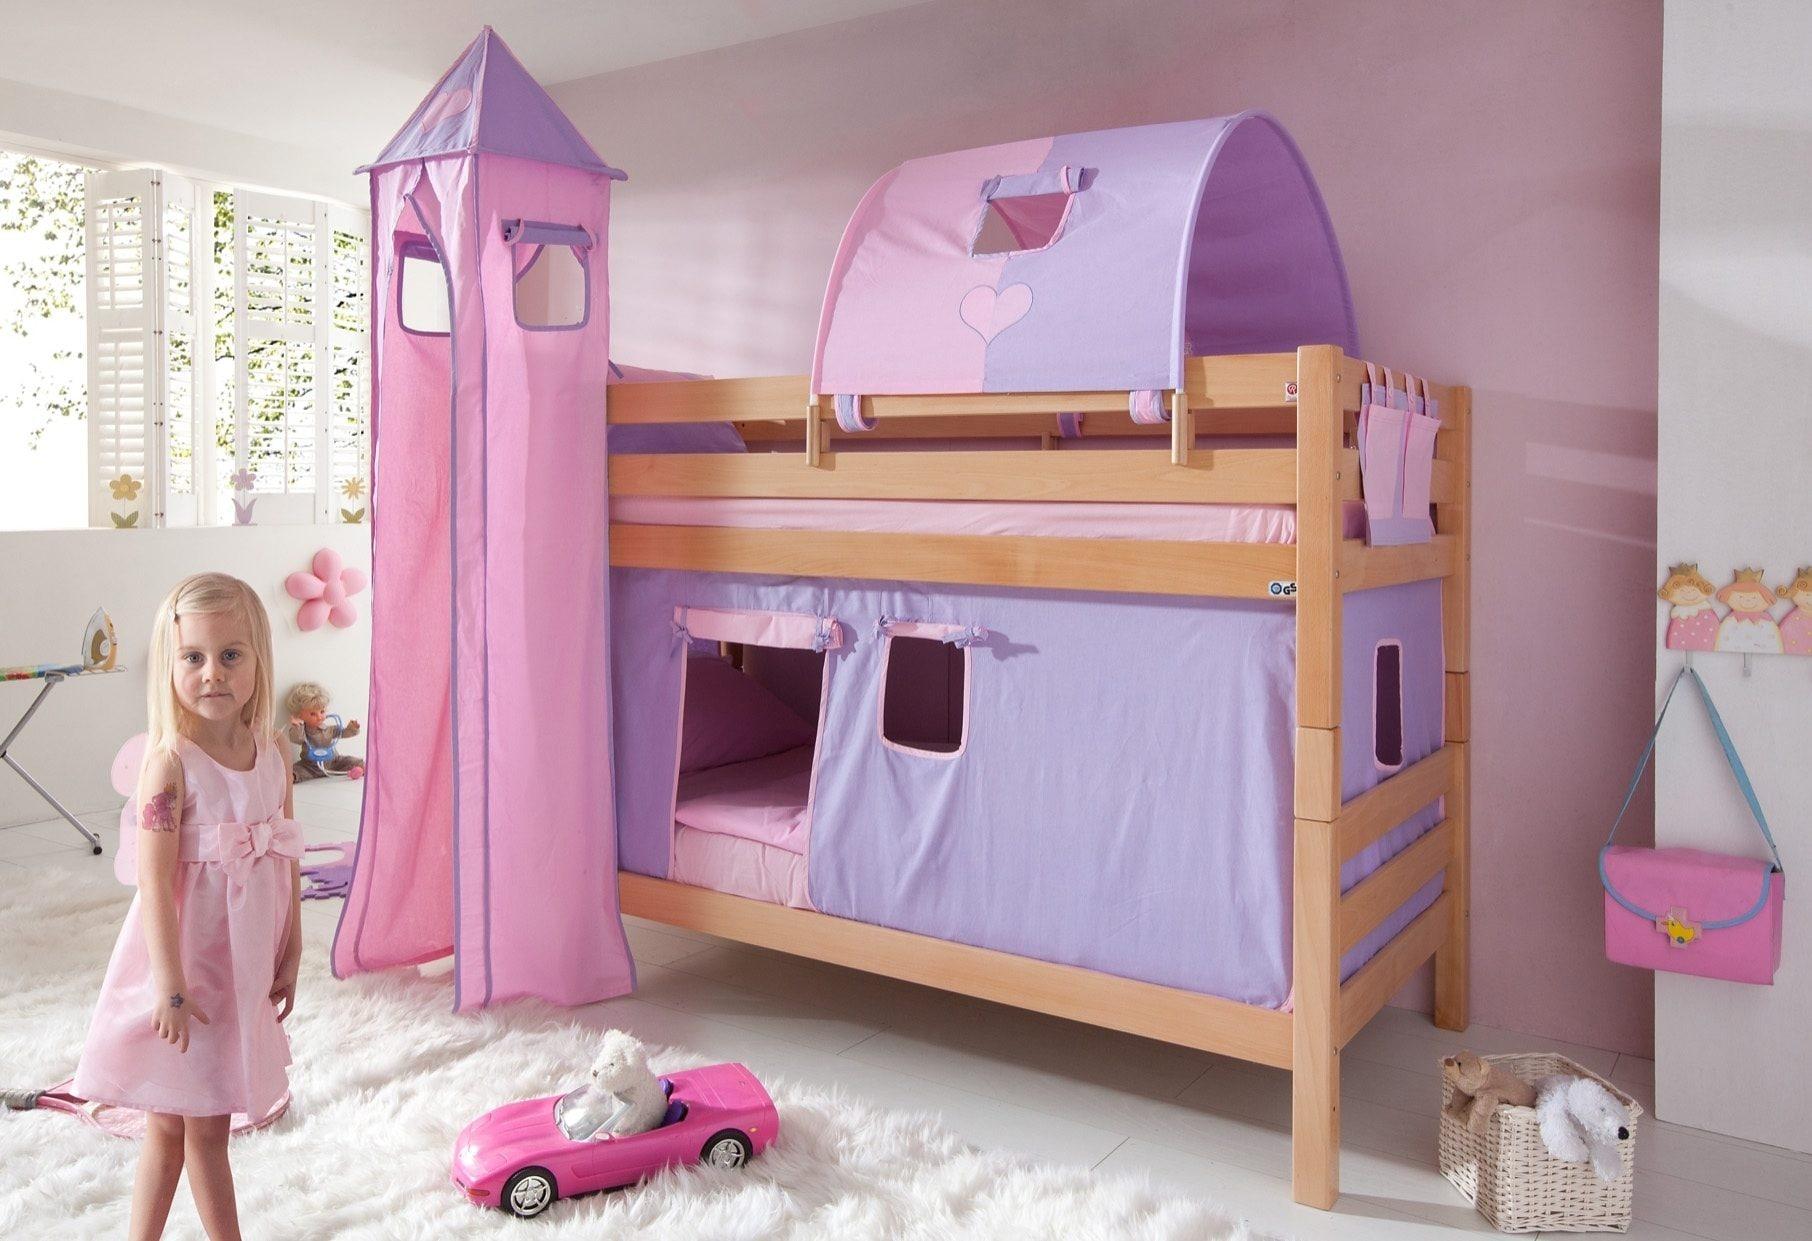 Etagenbett Relita : Etagenbett mit rutsche hochbett spaa im kinderzimmer selber bauen